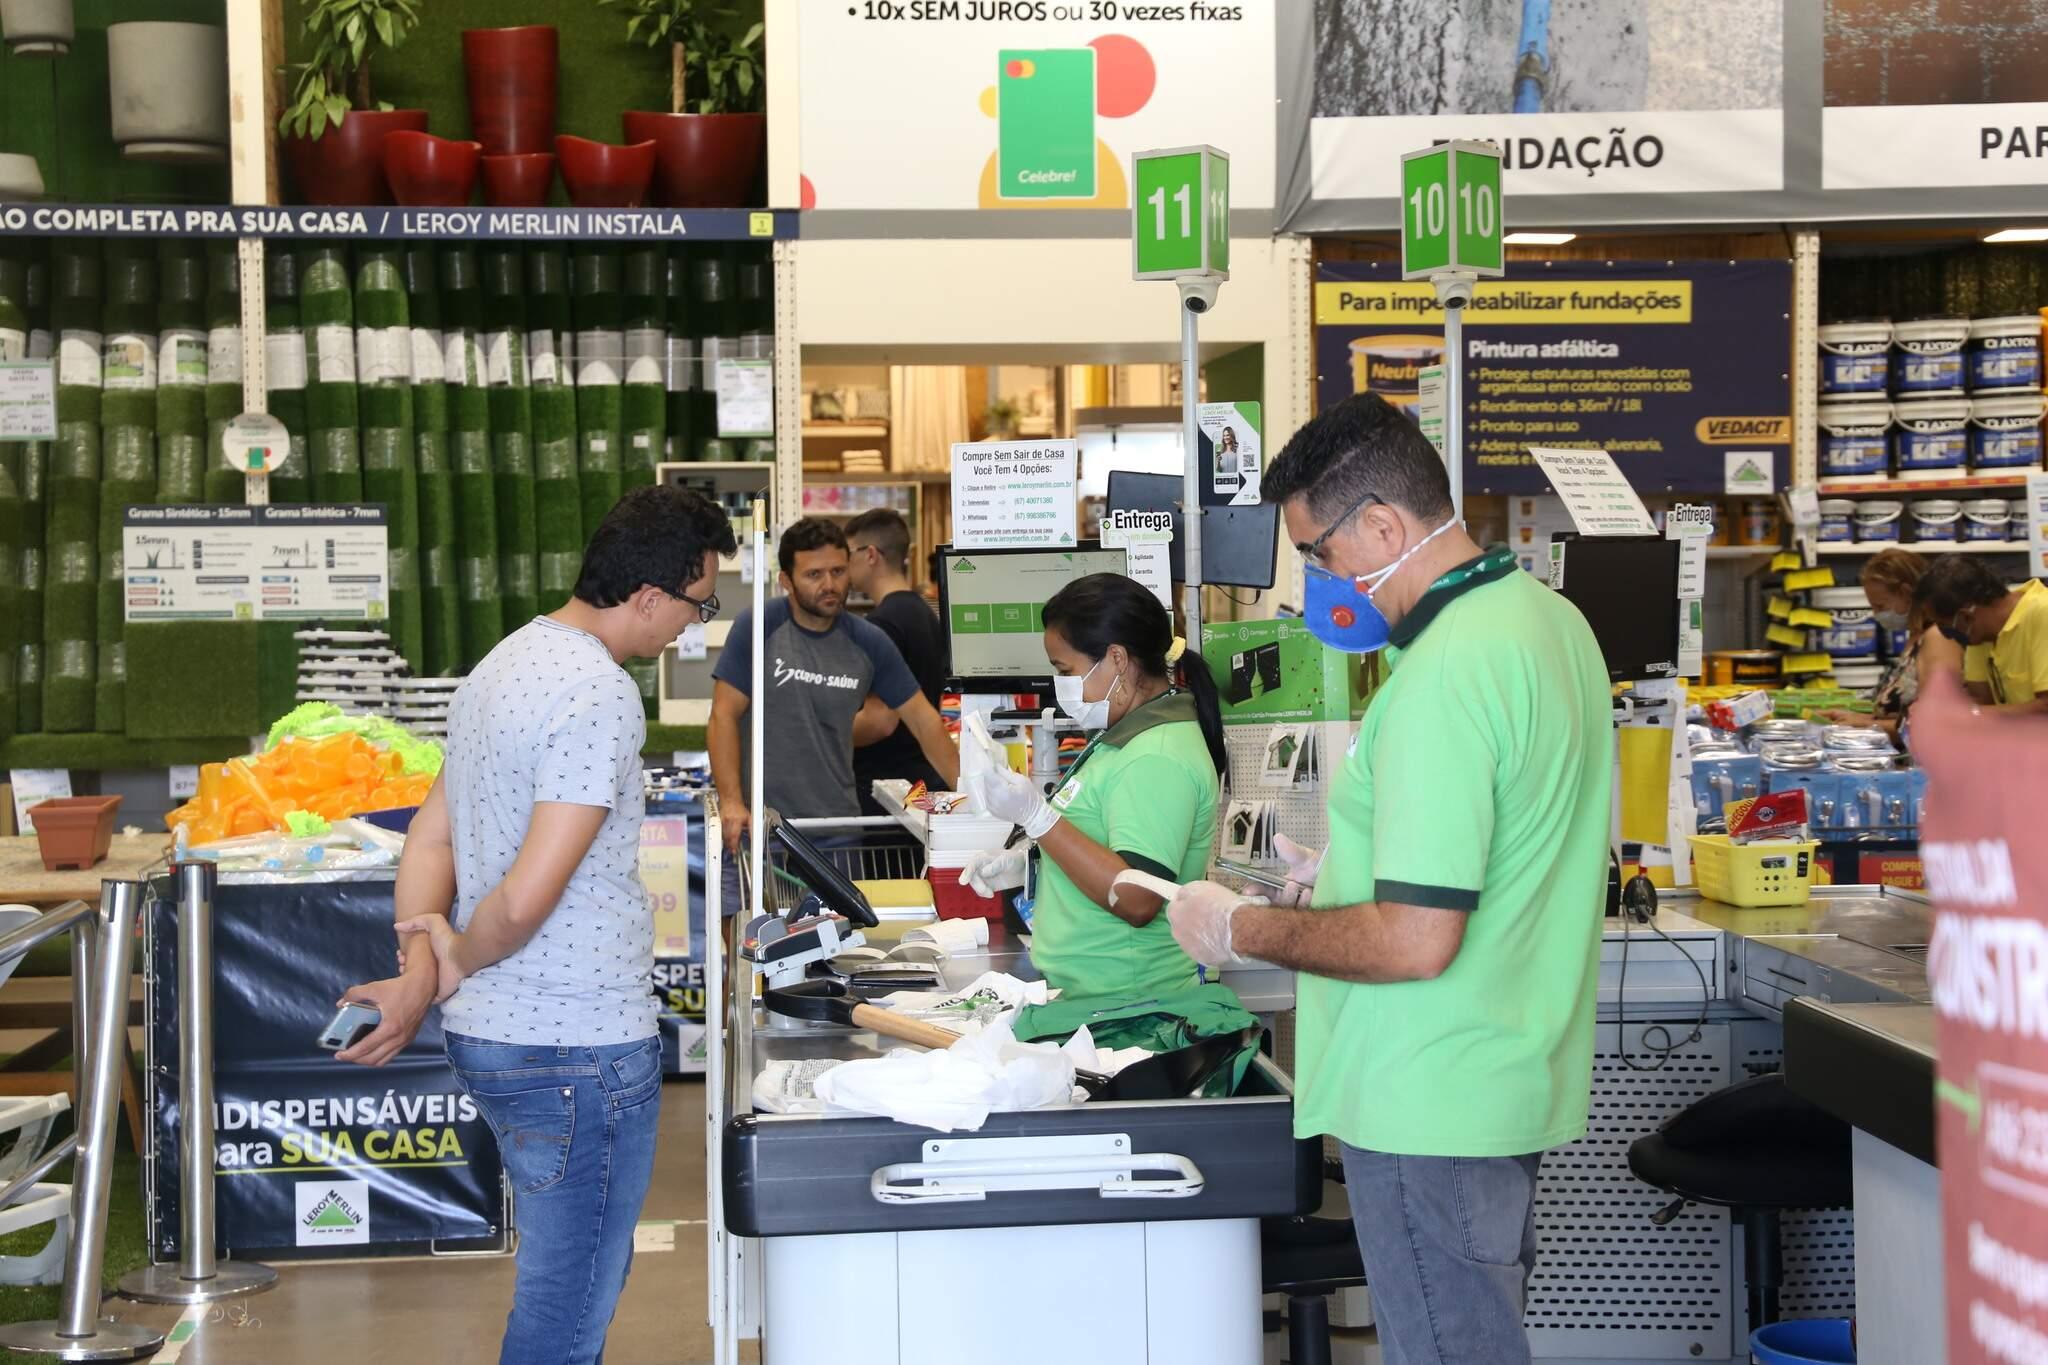 Loja adotou todas as medidas para segurança da equipe e dos clientes. (Foto: Paulo Francis)